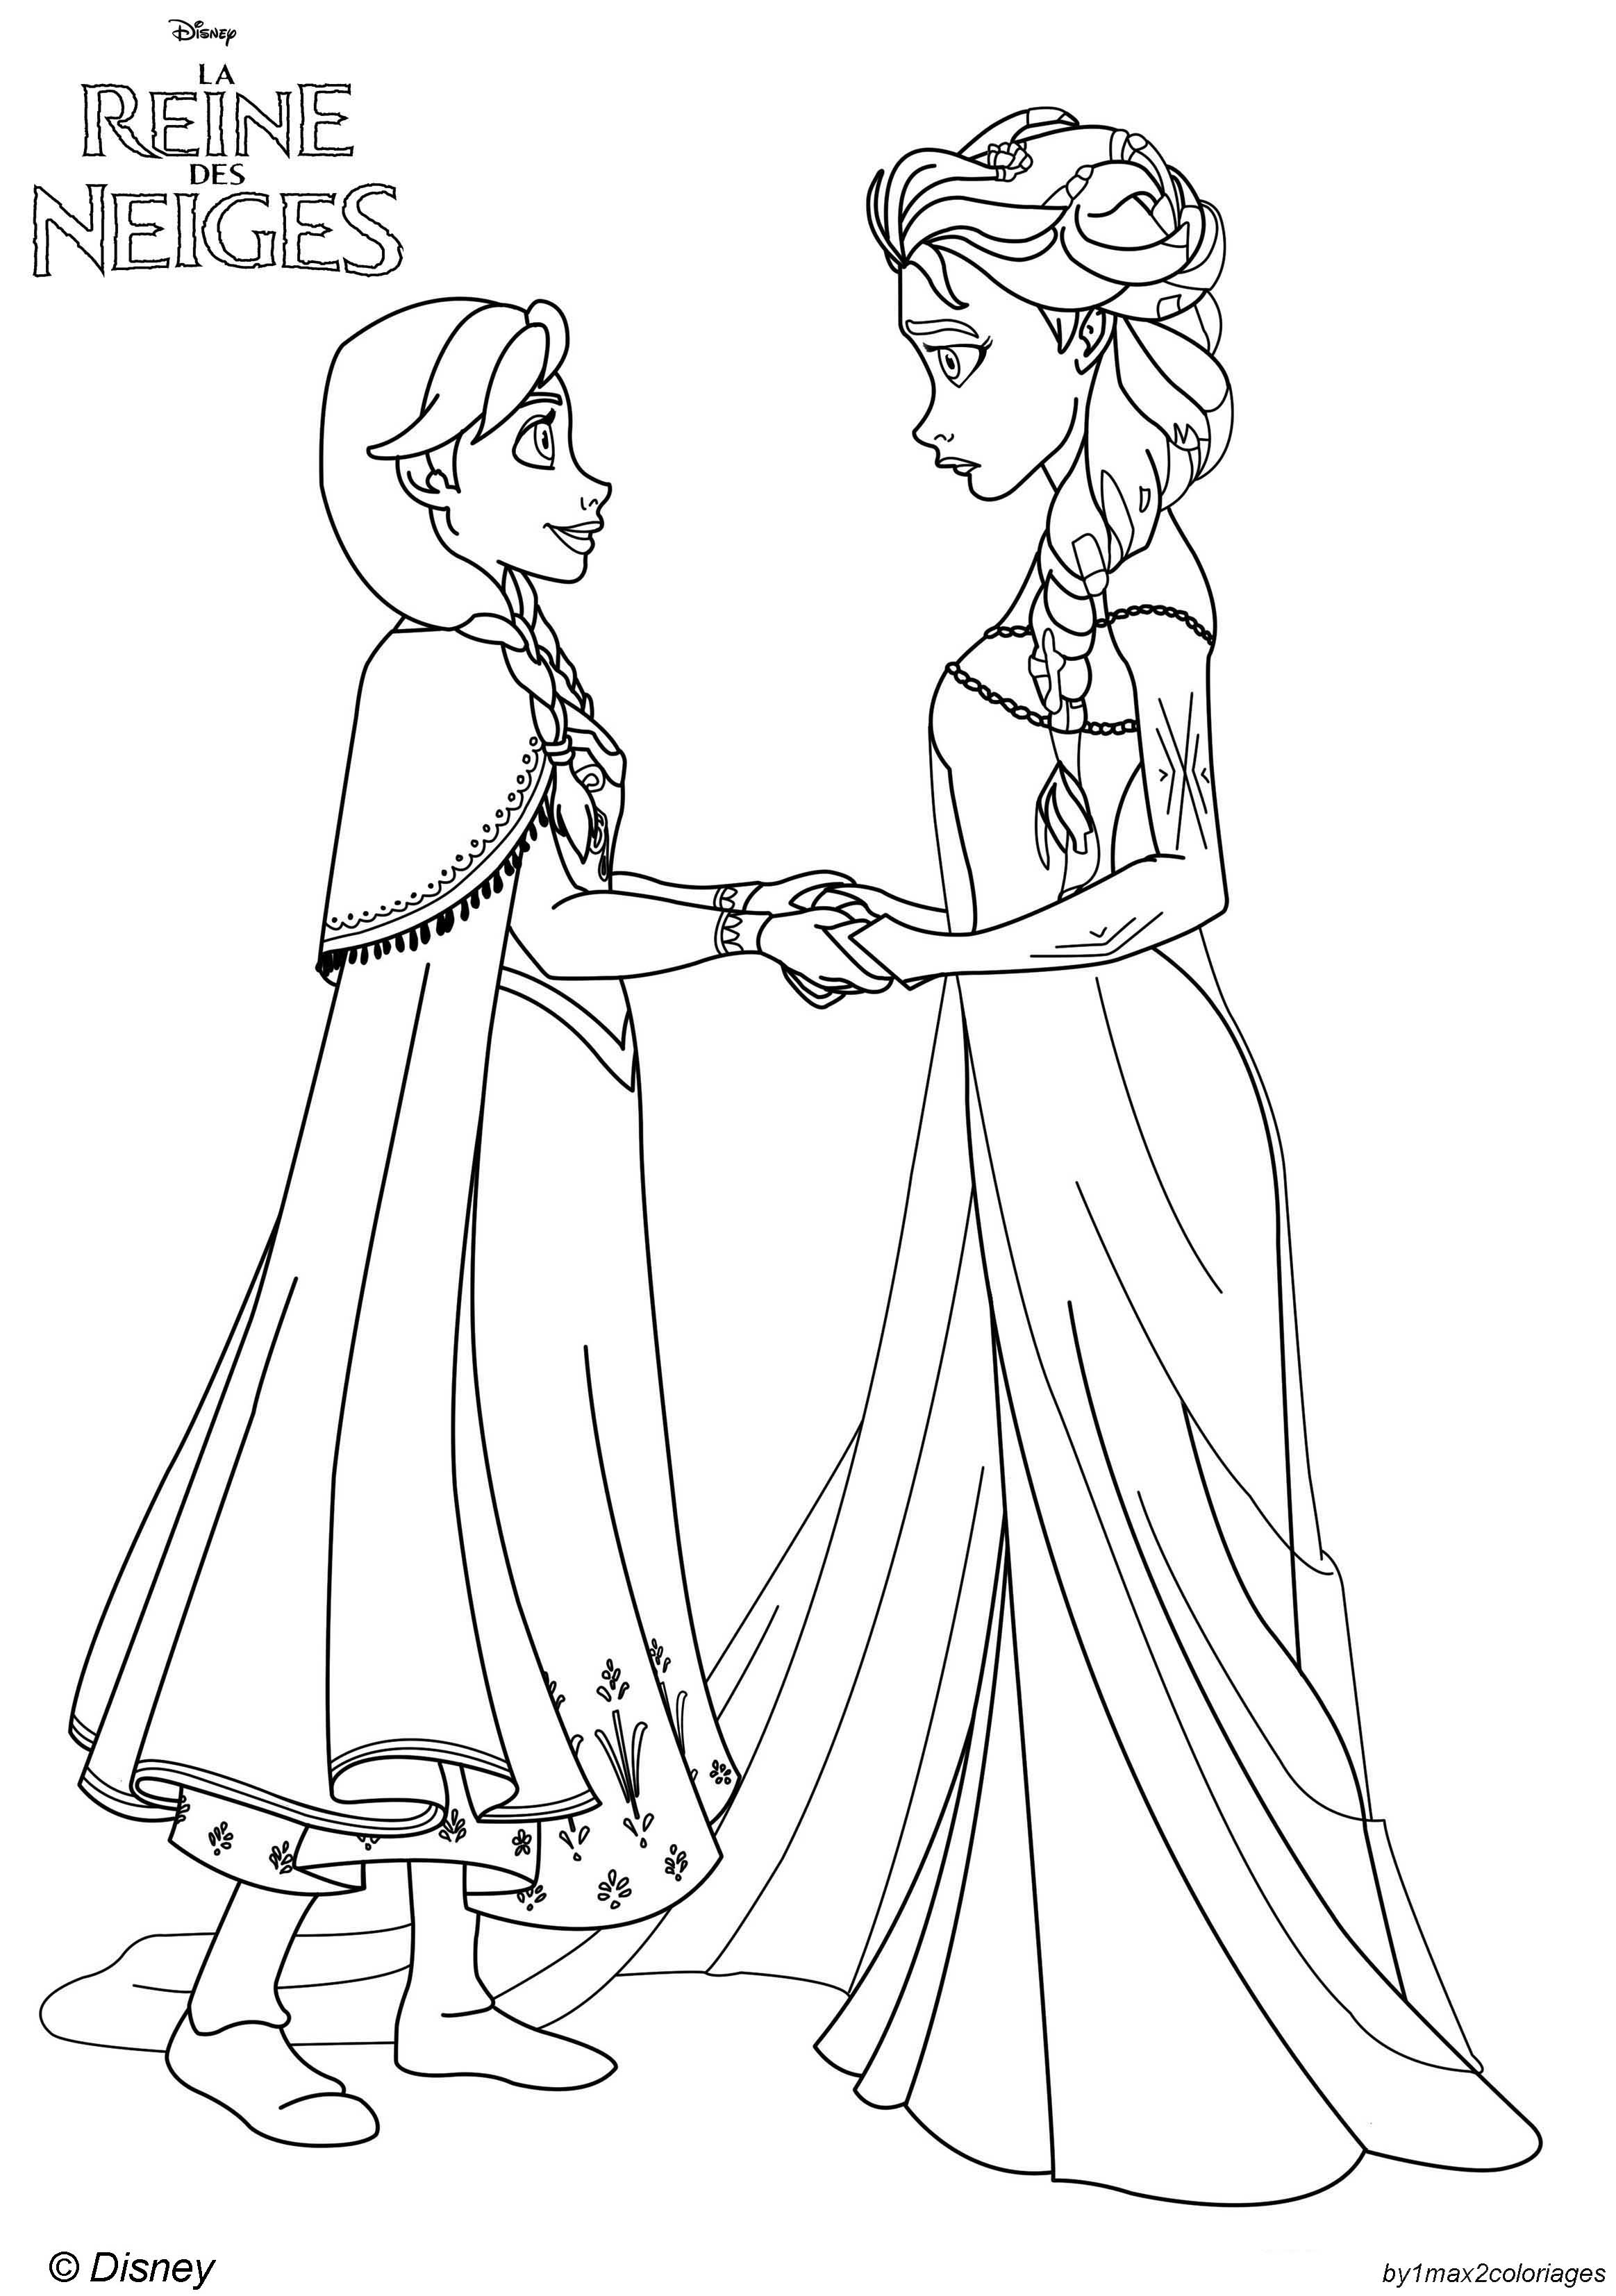 coloriage reine des neiges gratuit dessin a imprimer 4 - Reine Des Neiges Gratuit